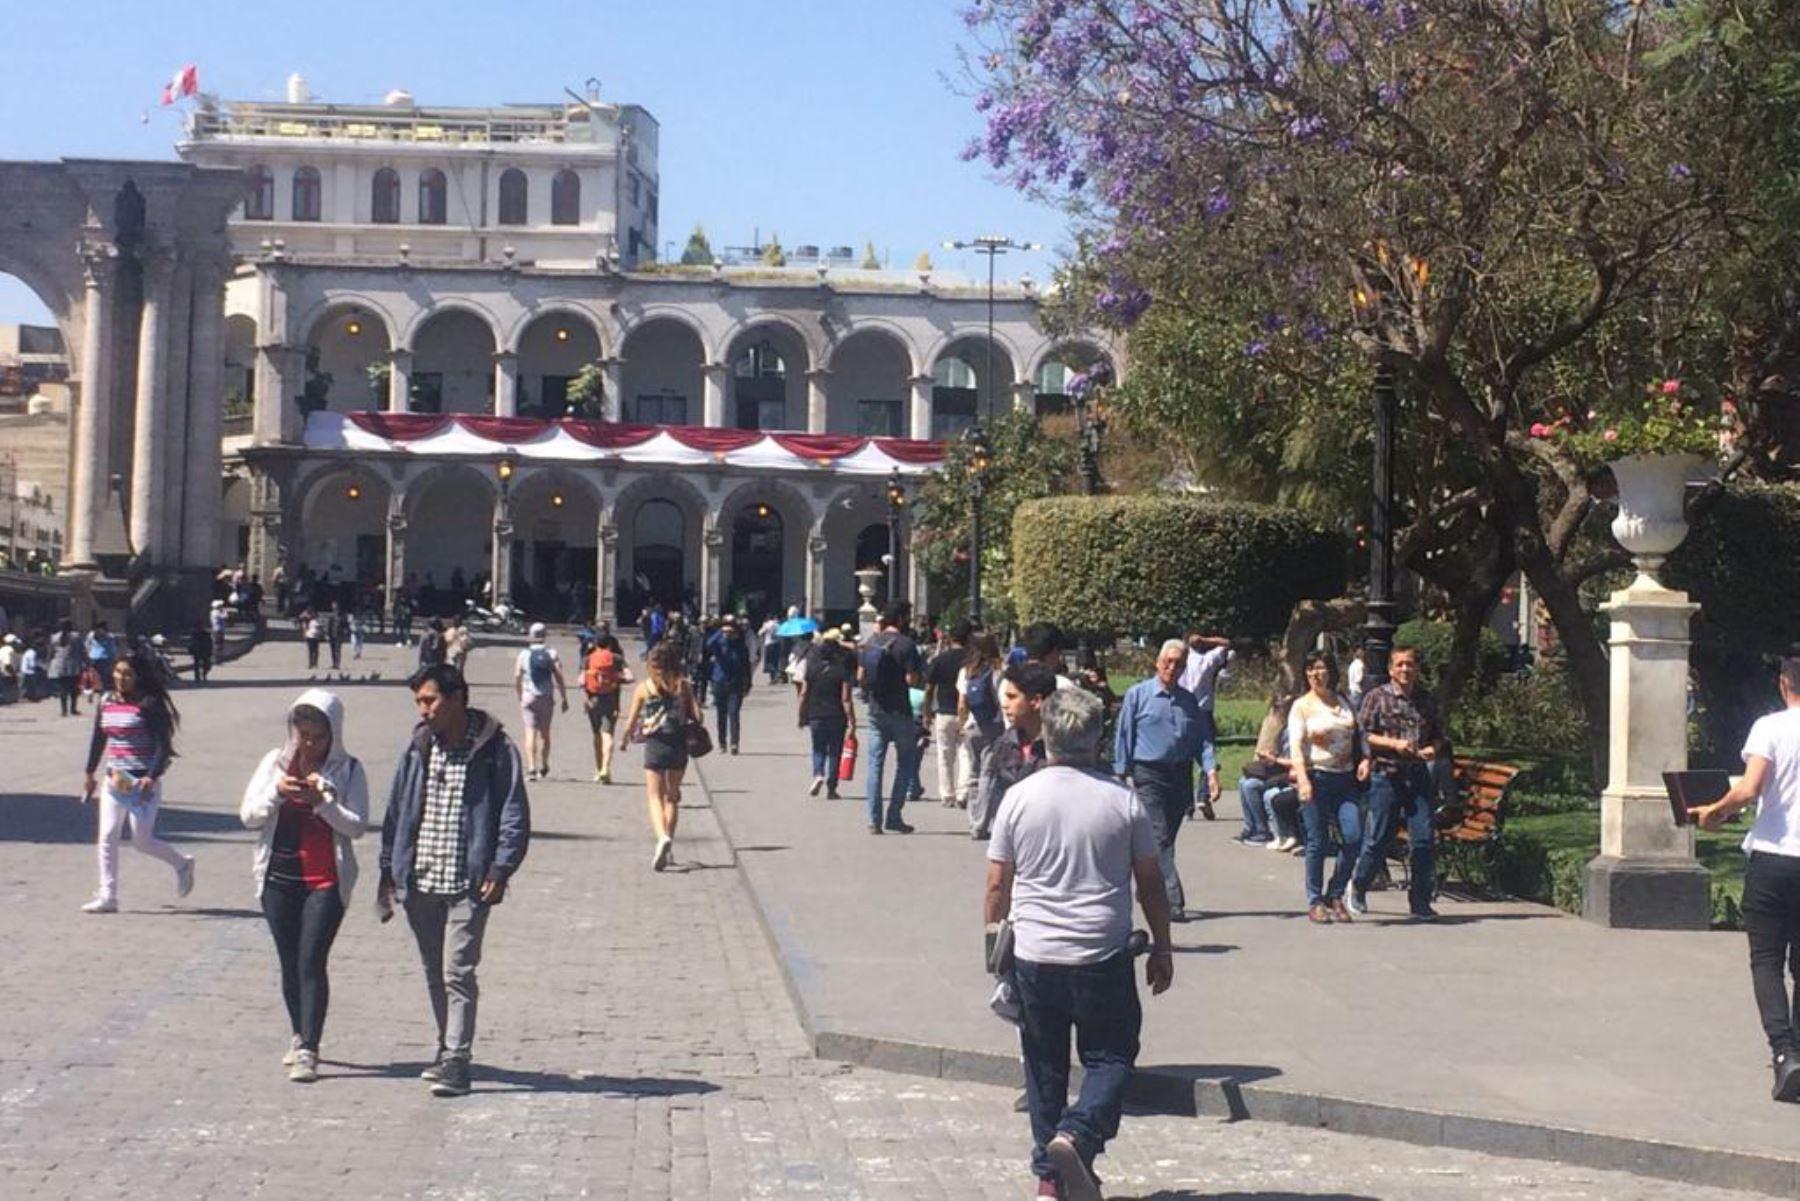 Comercios del centro de Arequipa normalizan sus actividades y turistas transitan libremente por las calles pese a paro. ANDINA